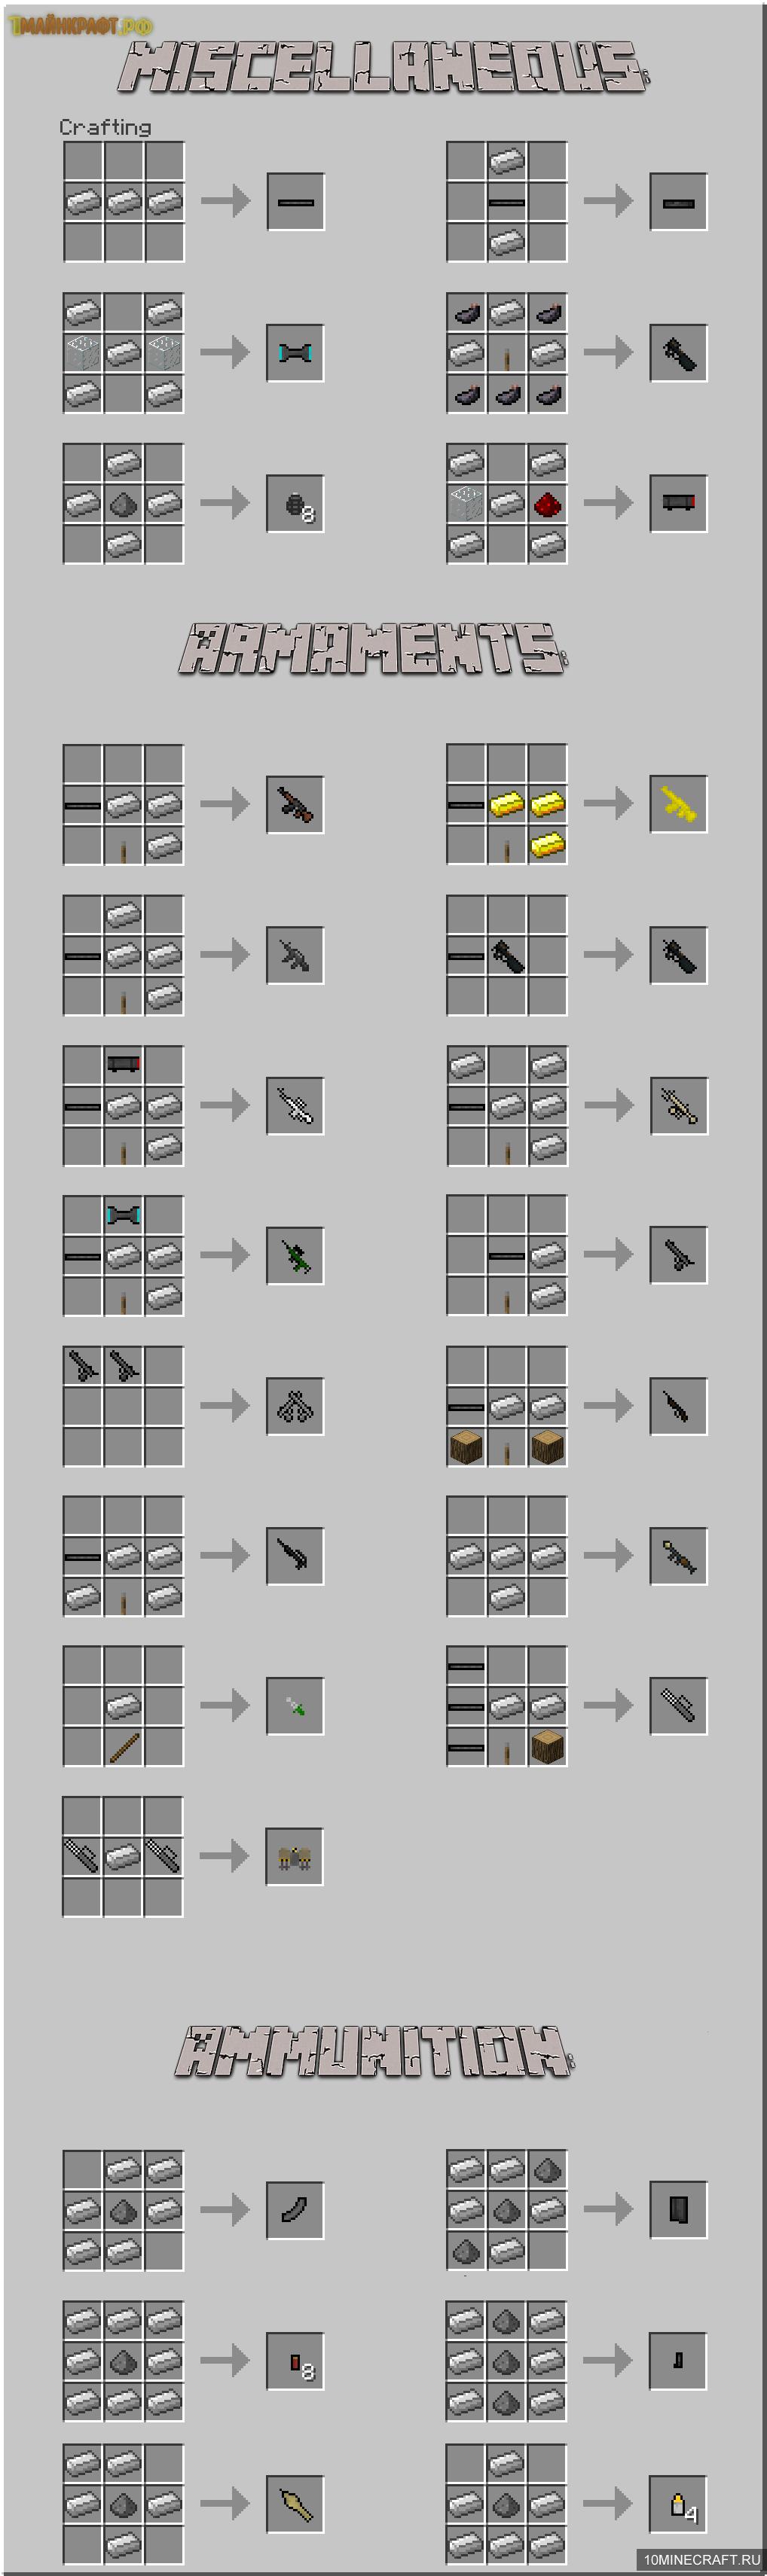 Моды для майнкрафт 1.8, моды minecraft